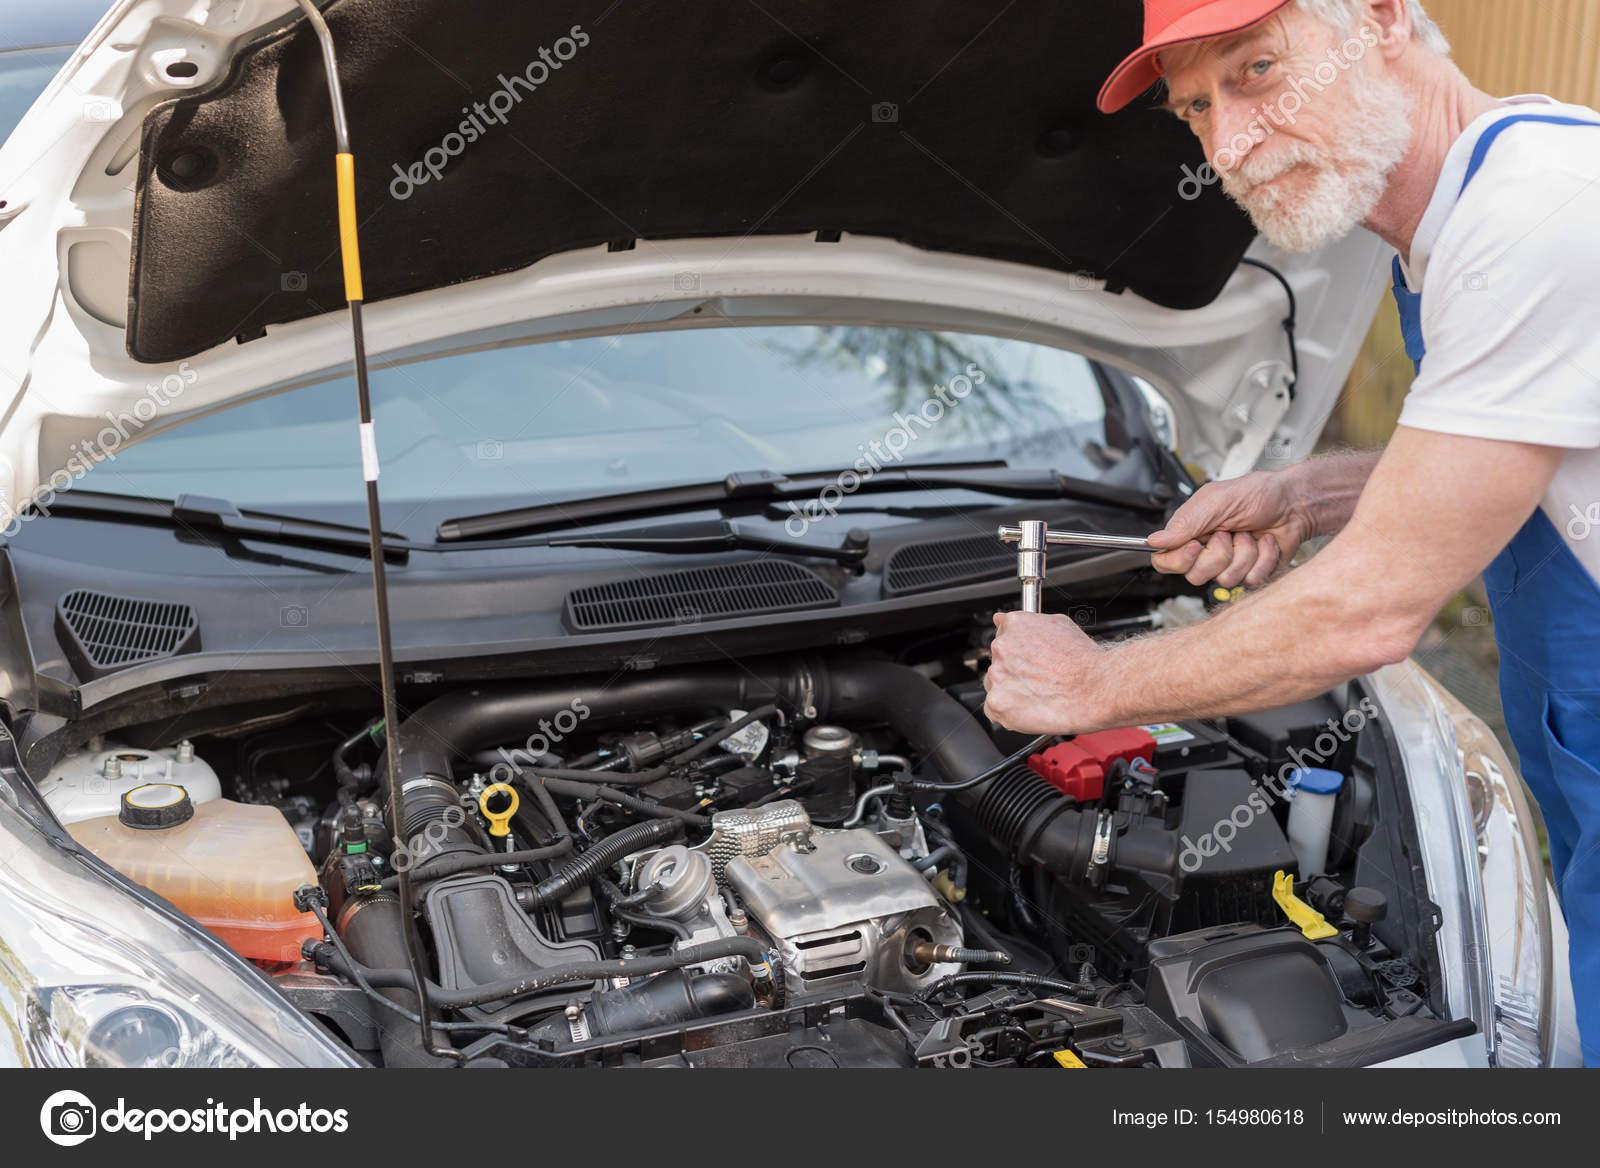 Kfz-Mechaniker arbeiten auf Auto-Motor — Stockfoto © thodonal #154980618